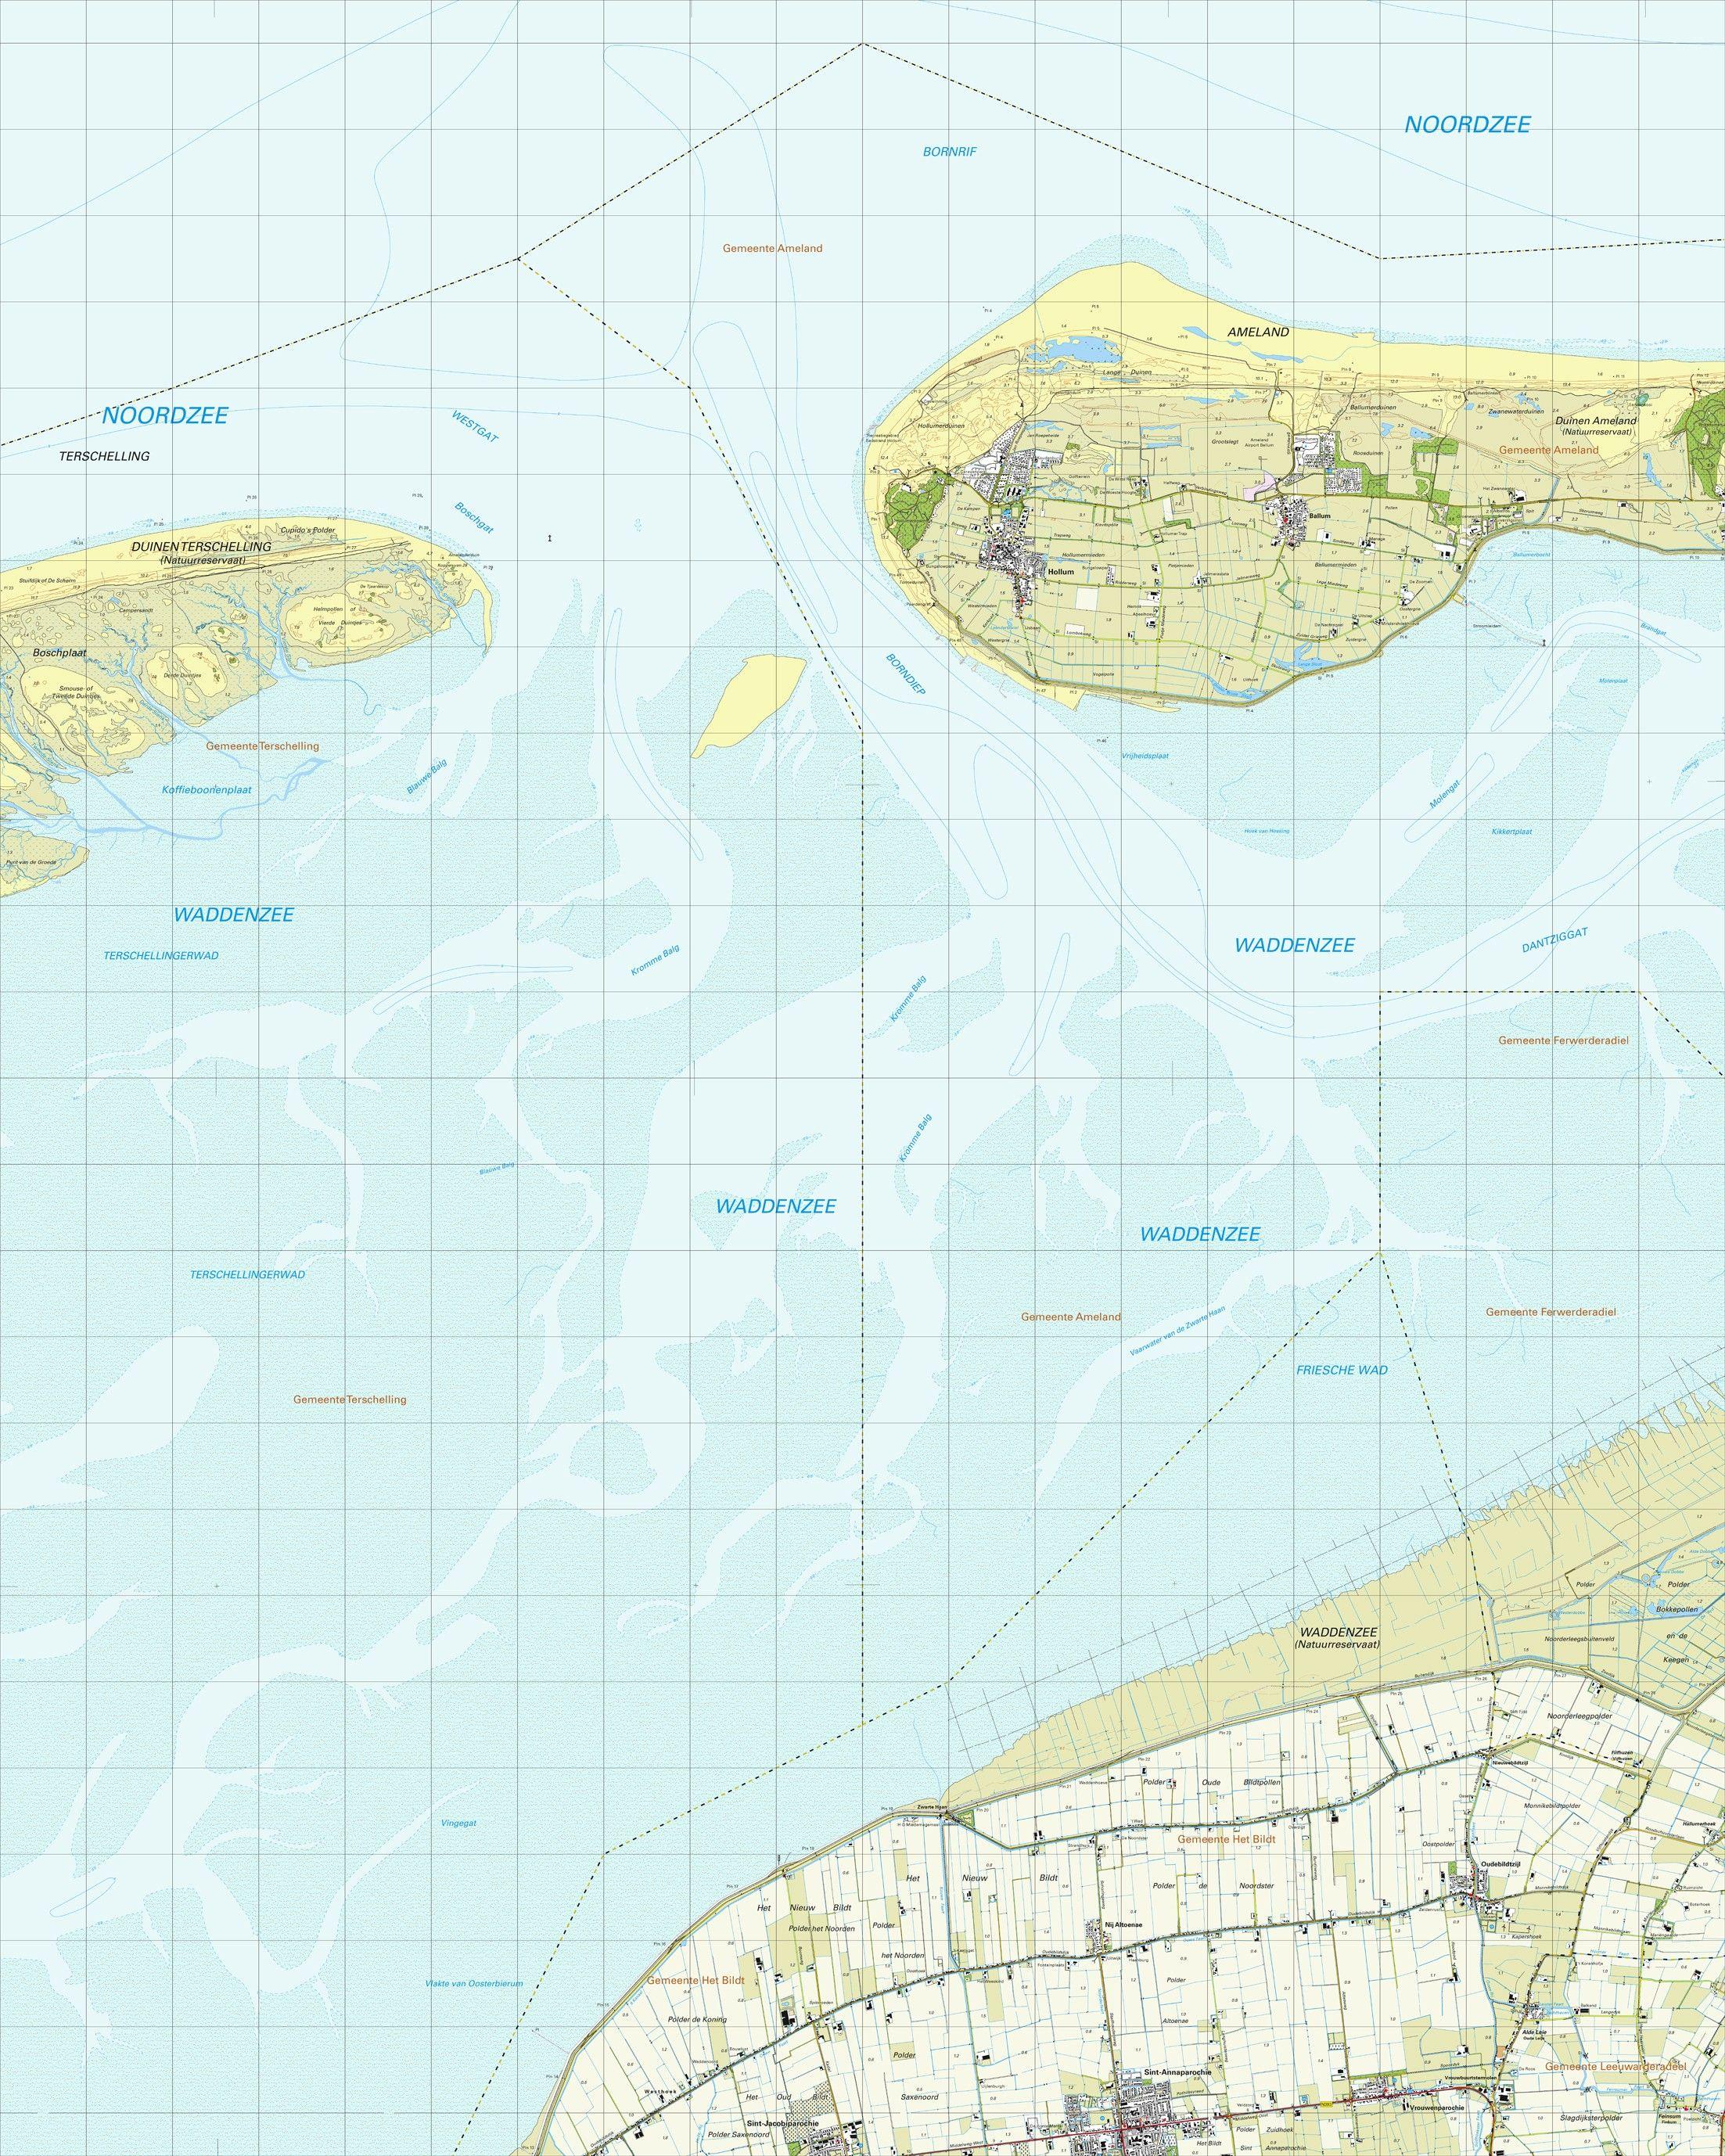 Topografische kaart schaal 1:25.000 (Ameland,Sint-Annaparochie,Vrouwenparochie)